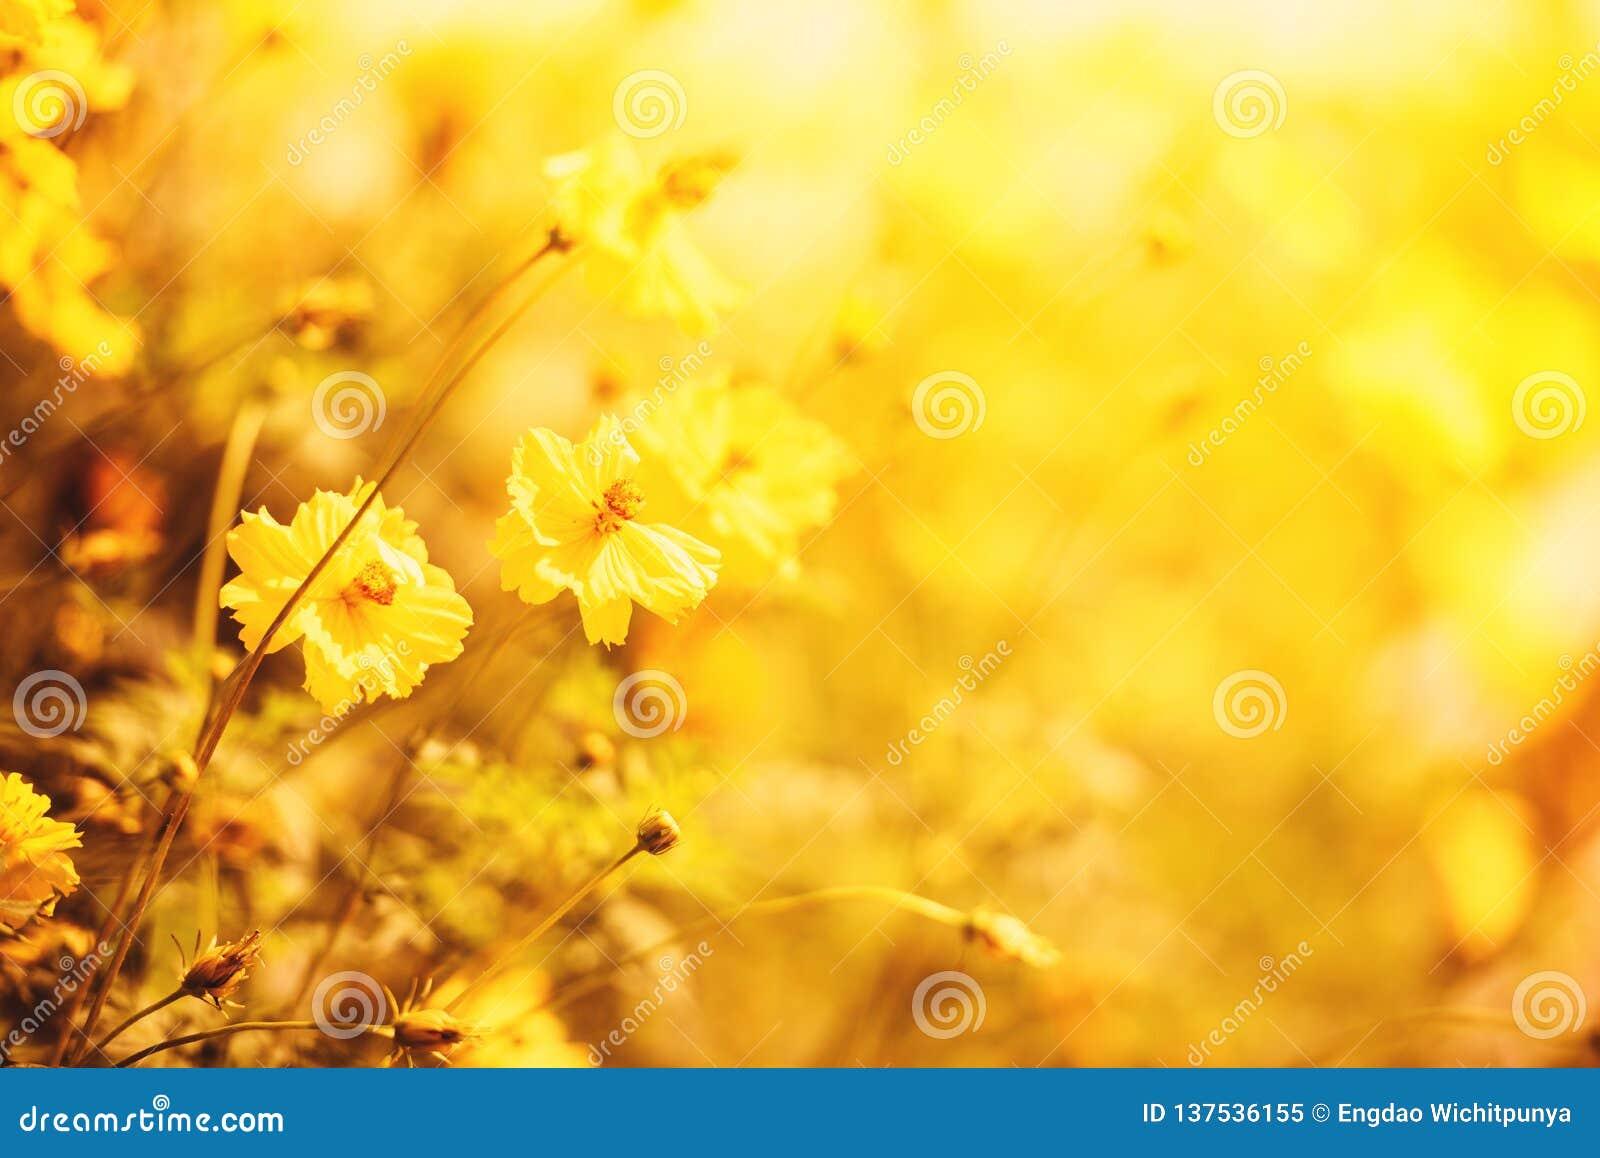 Colores amarillos del otoño del calendula de la planta del amarillo del fondo de la falta de definición del campo de flor de la n